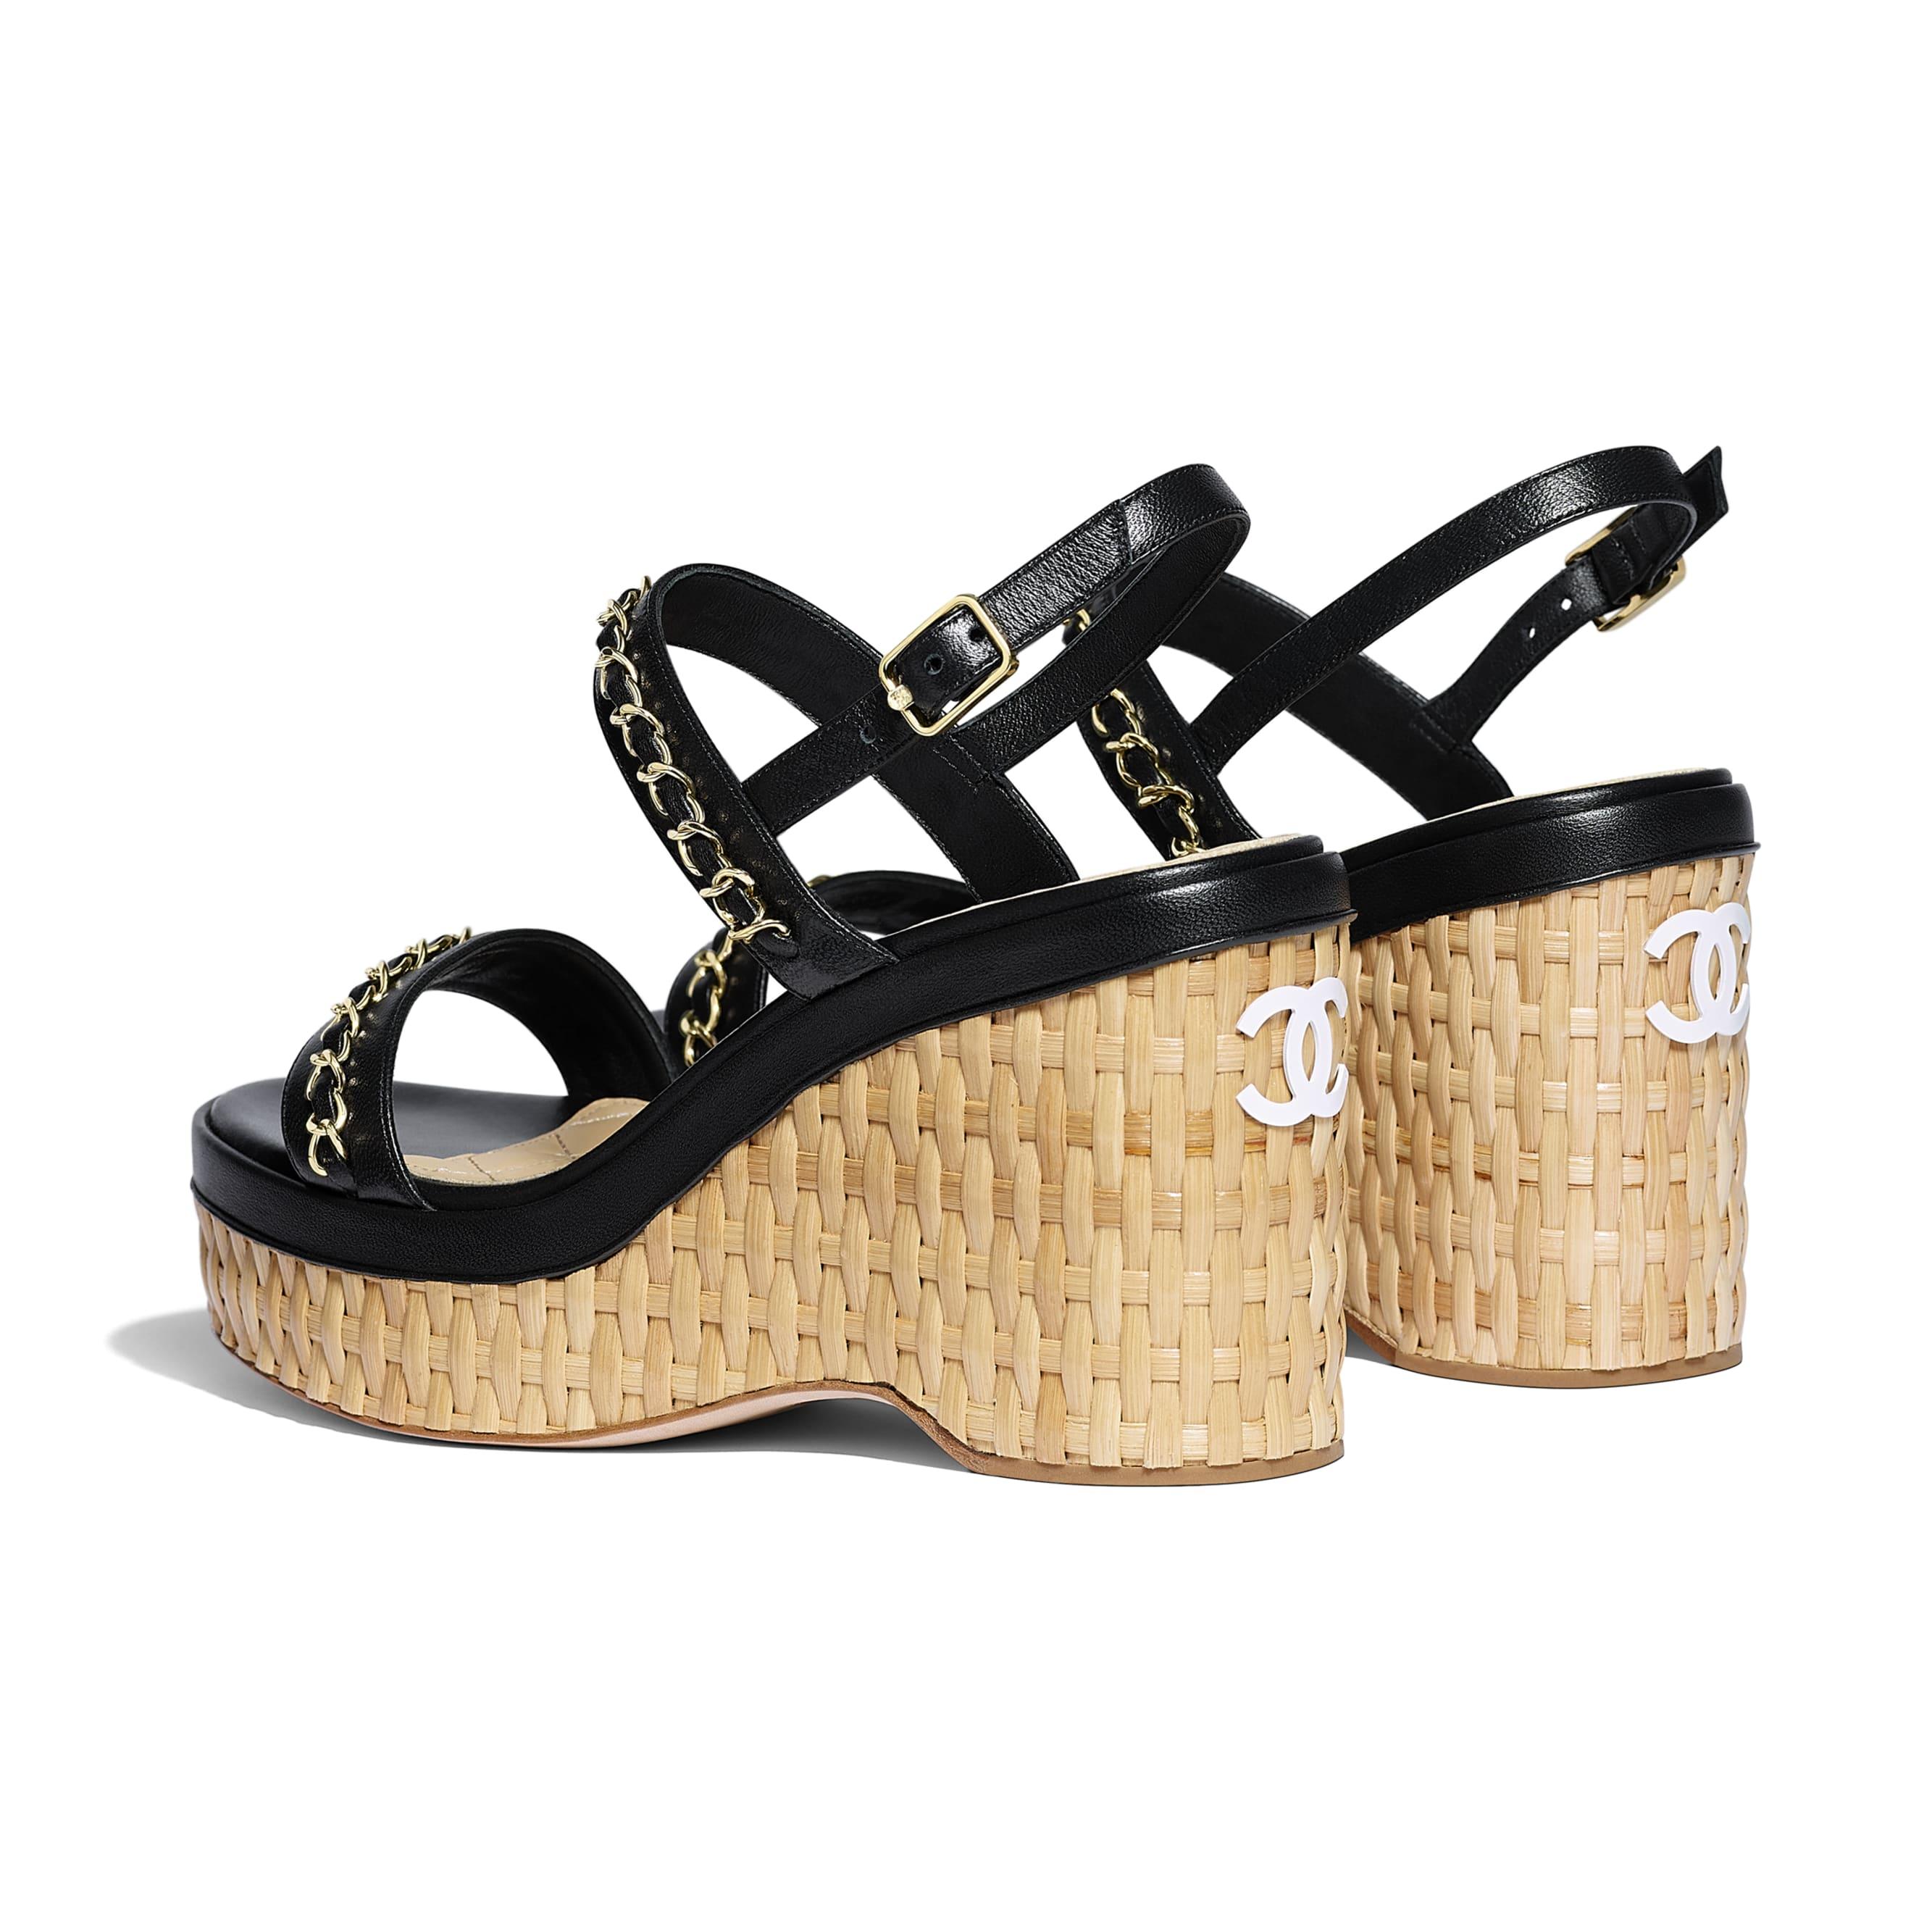 涼鞋 - 黑 - 小羊皮 - 其他視圖 - 查看標準尺寸版本